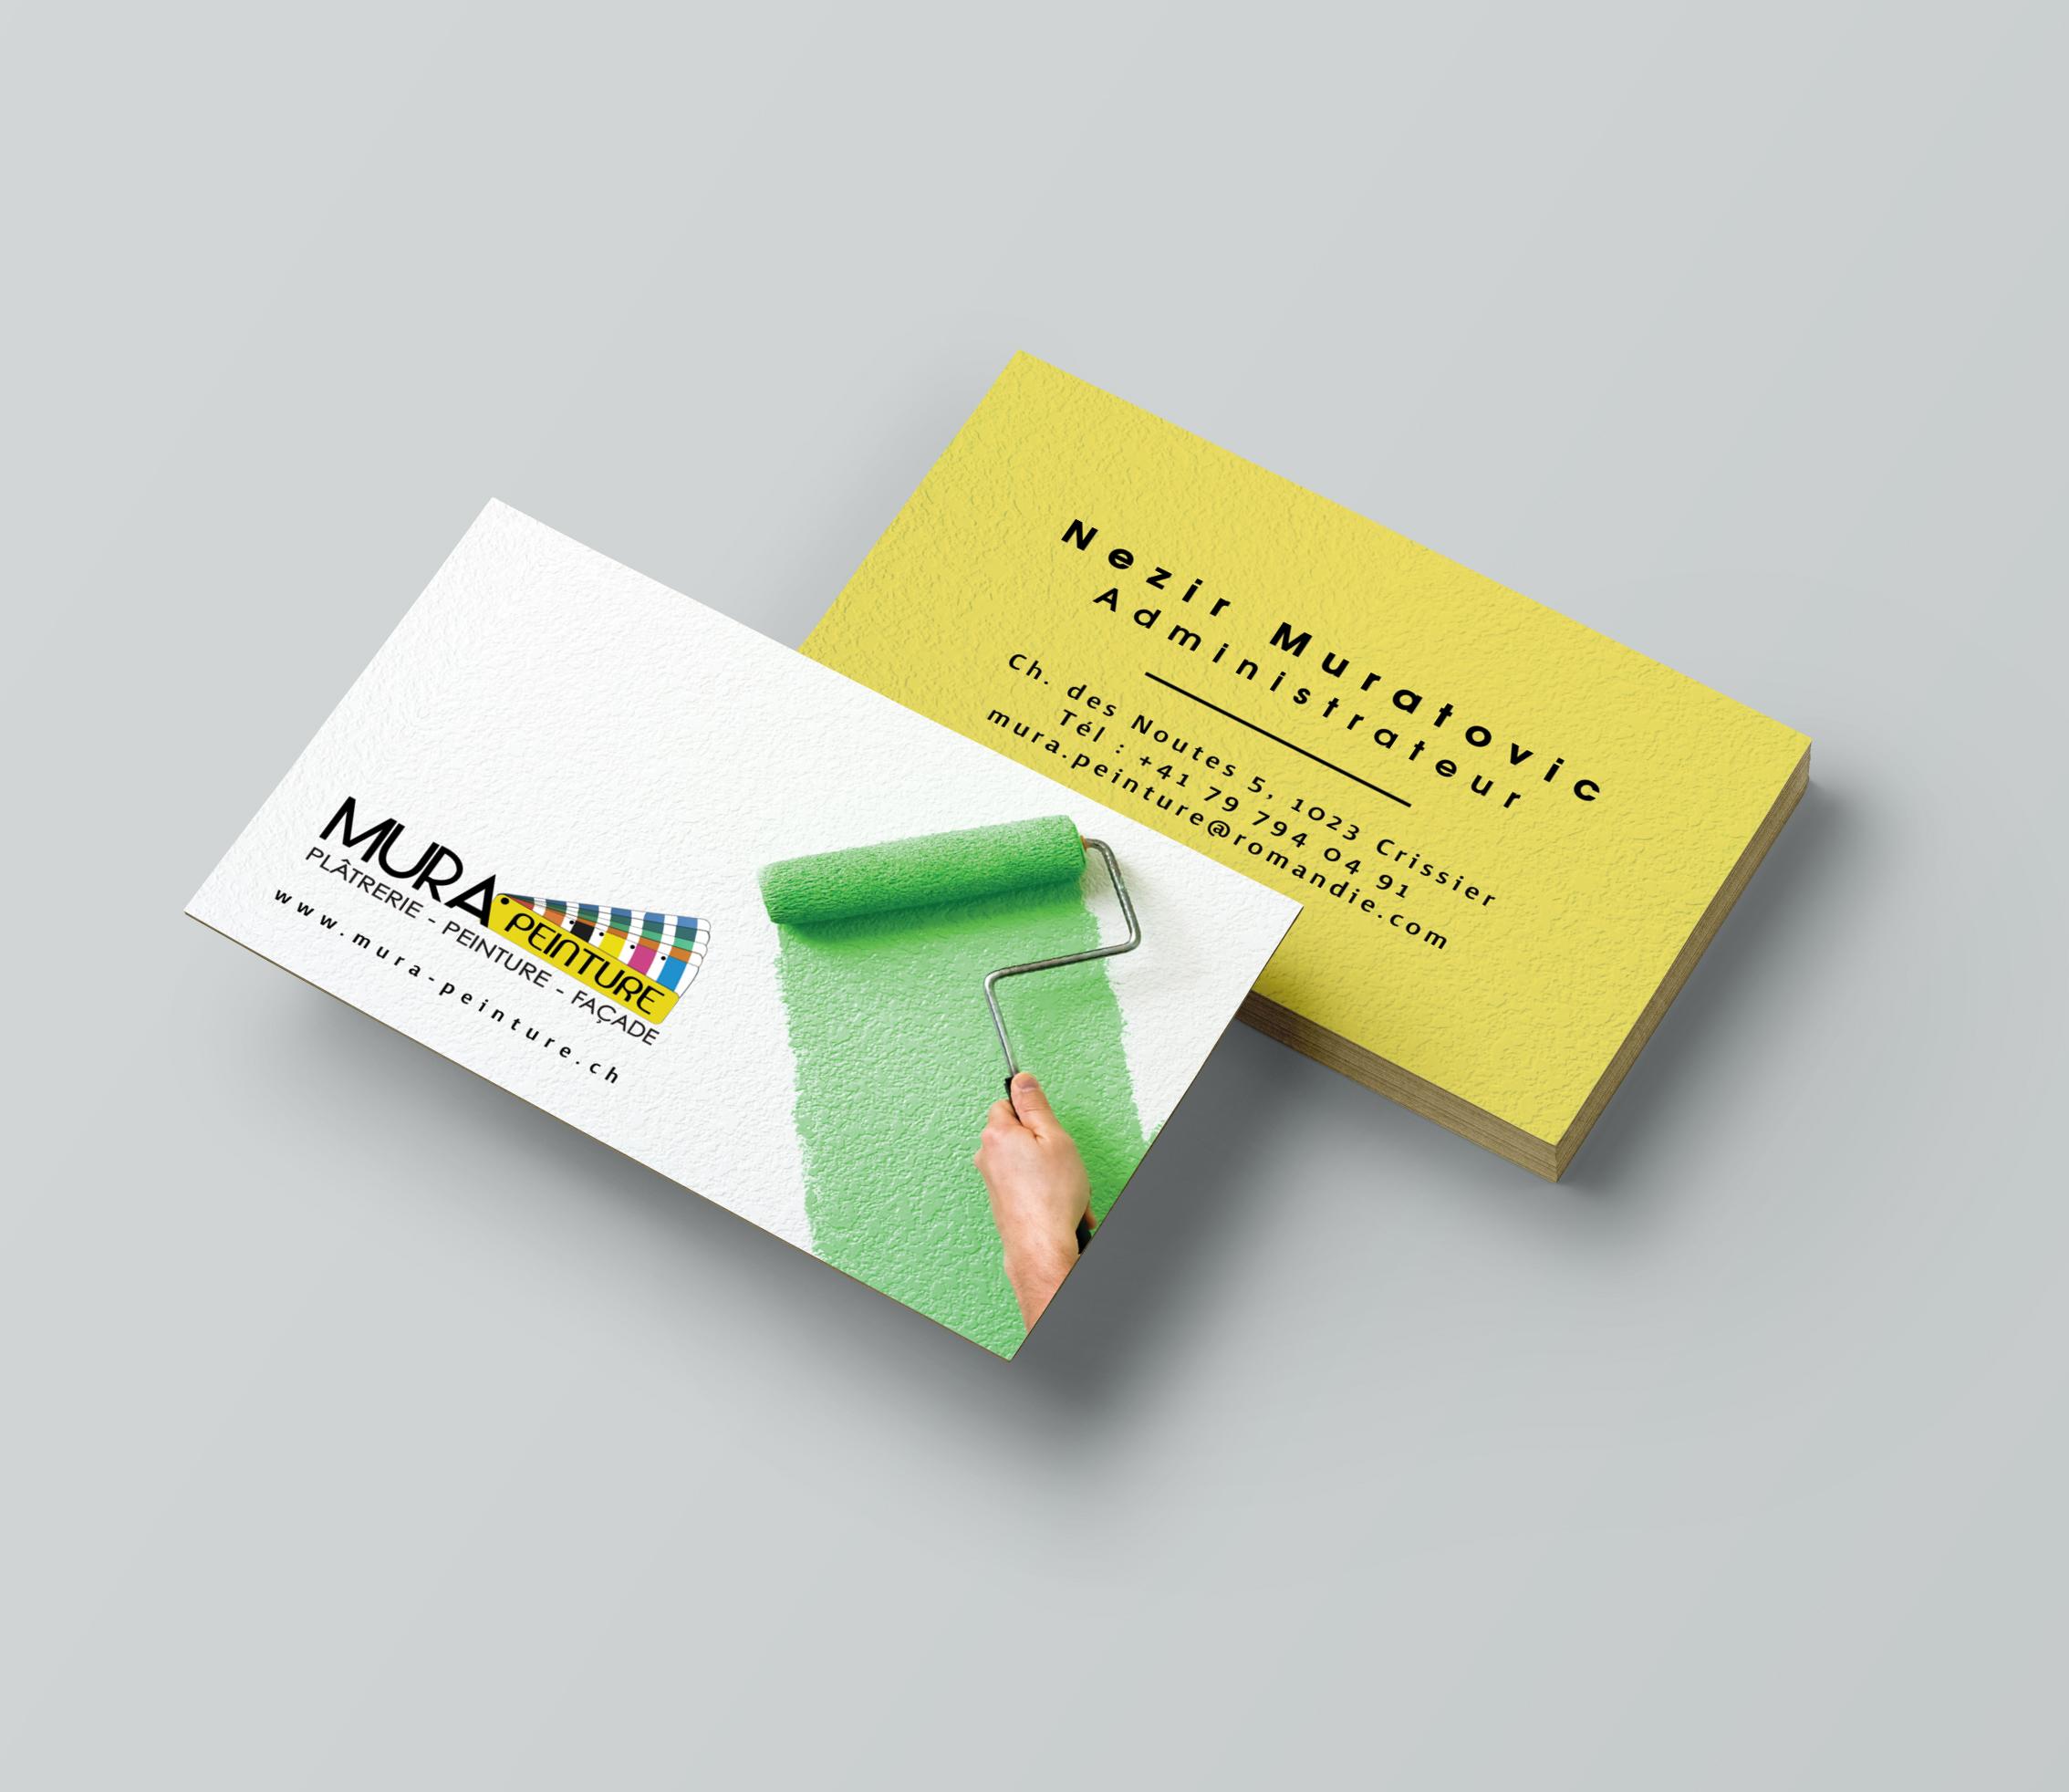 Cartes de visite, design et impression de cartes de visite personalisées (2)